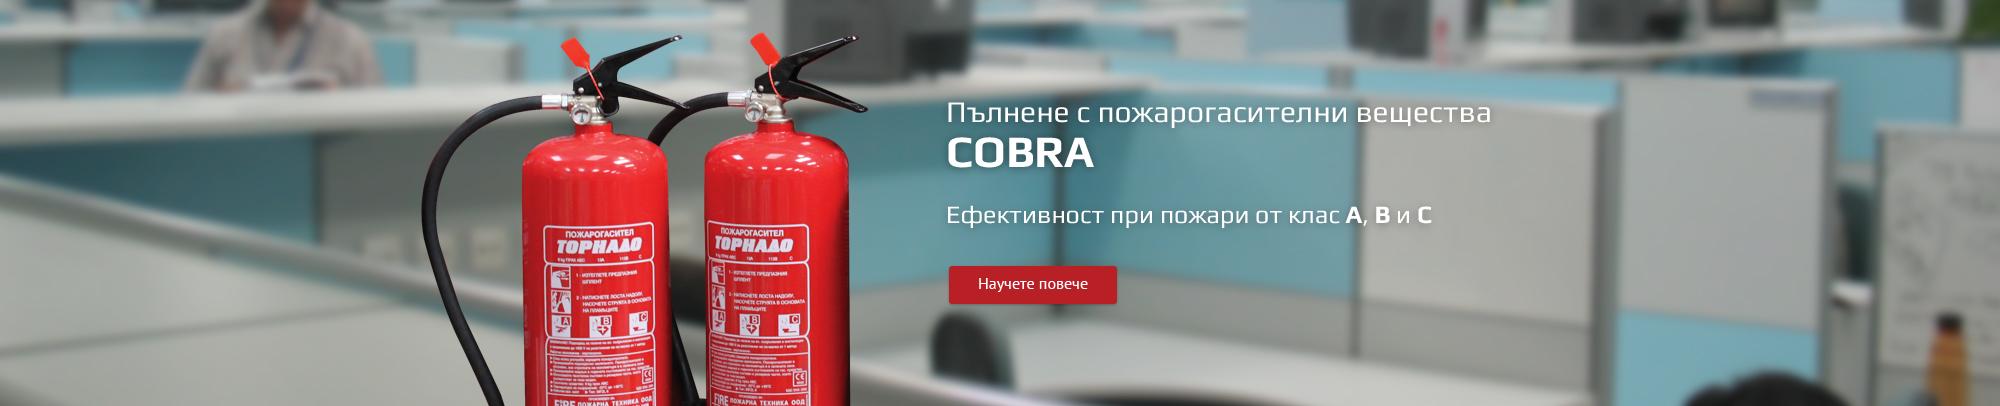 Пълнене с пожарогасителни вещества COBRA